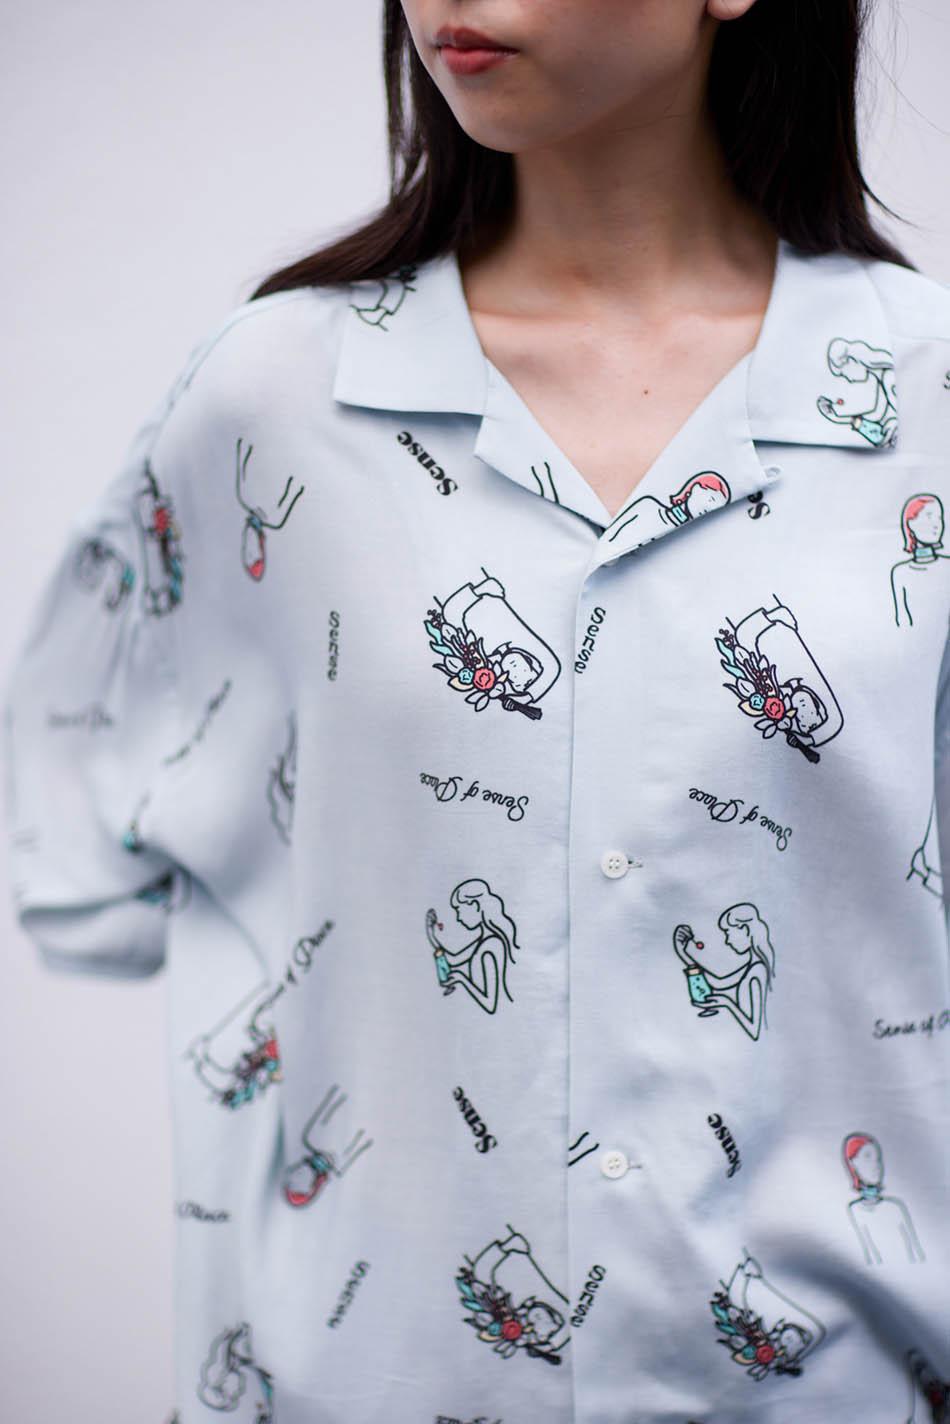 【別注款】RyoKaneyasu 襯衫Graphic Design Shirt